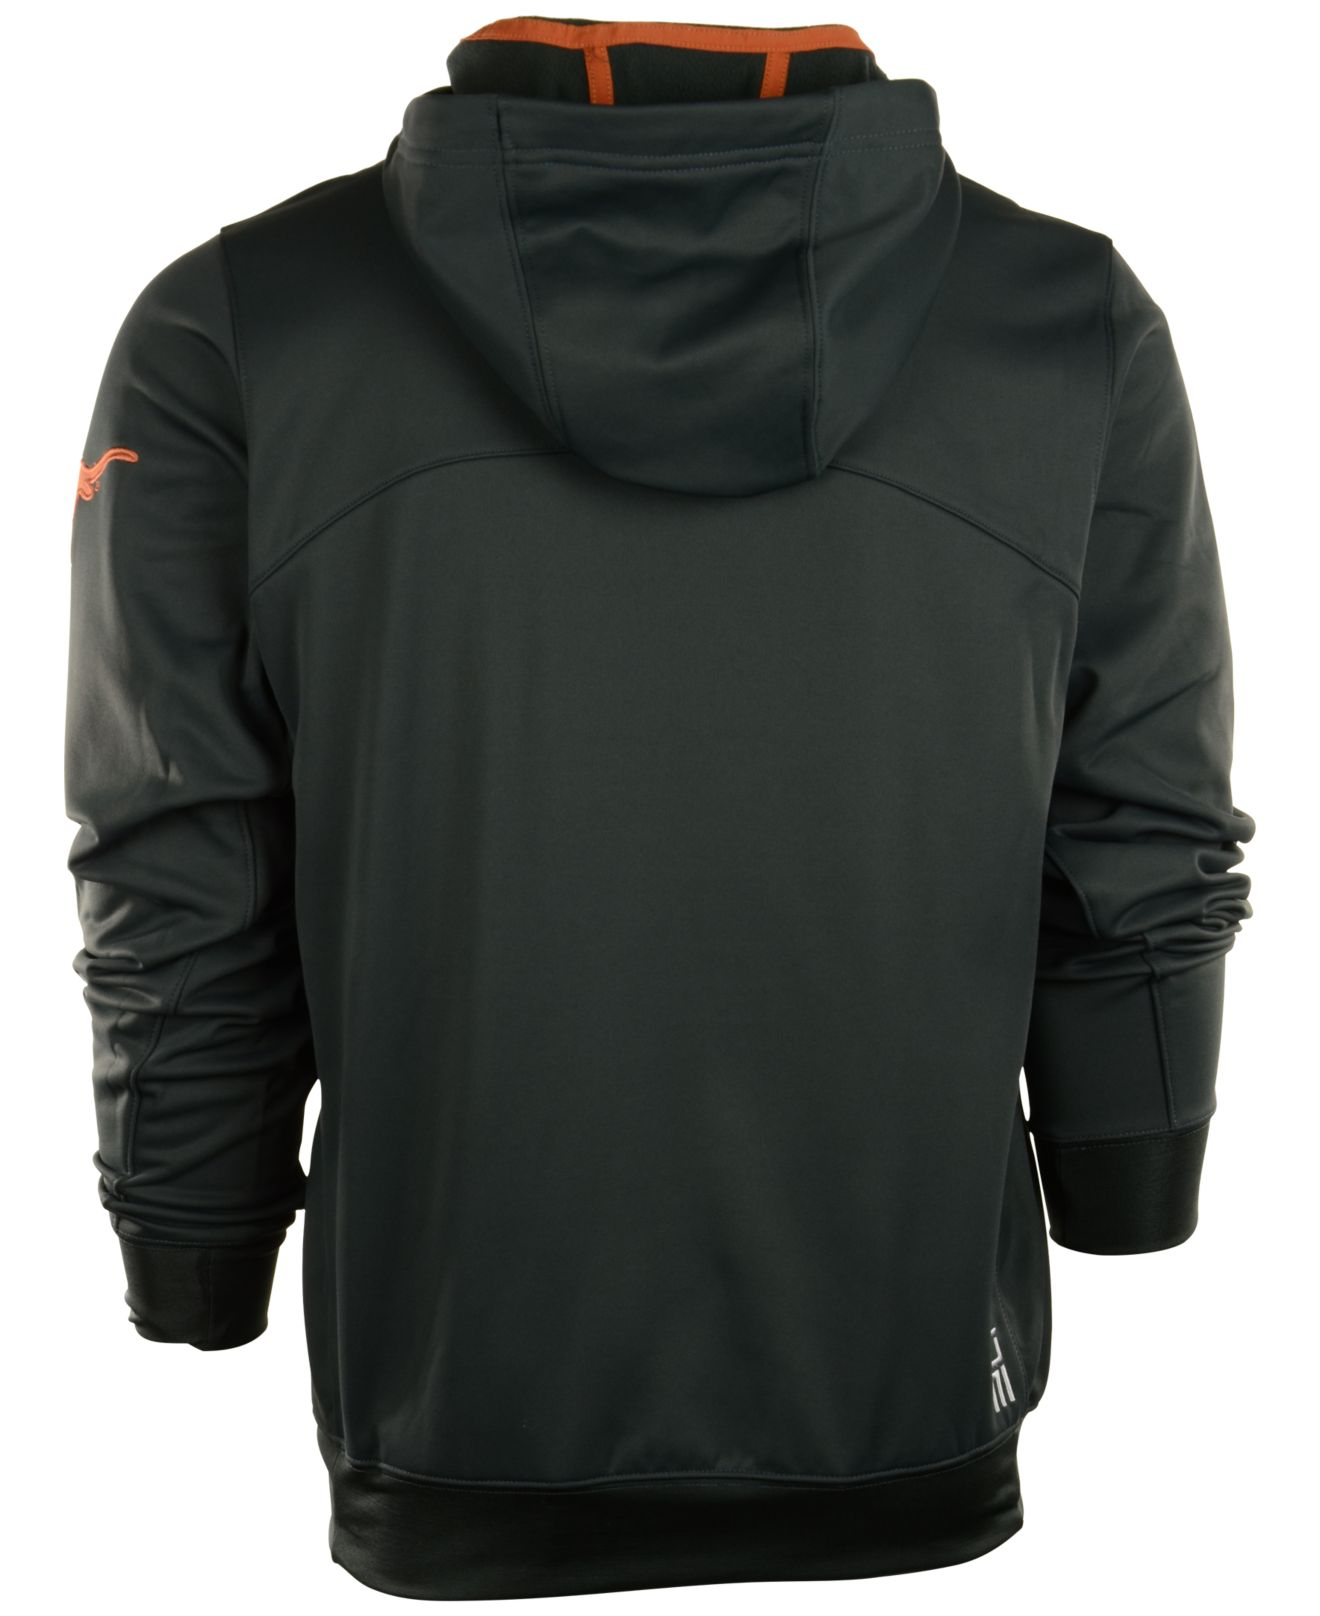 Therma fit hoodie